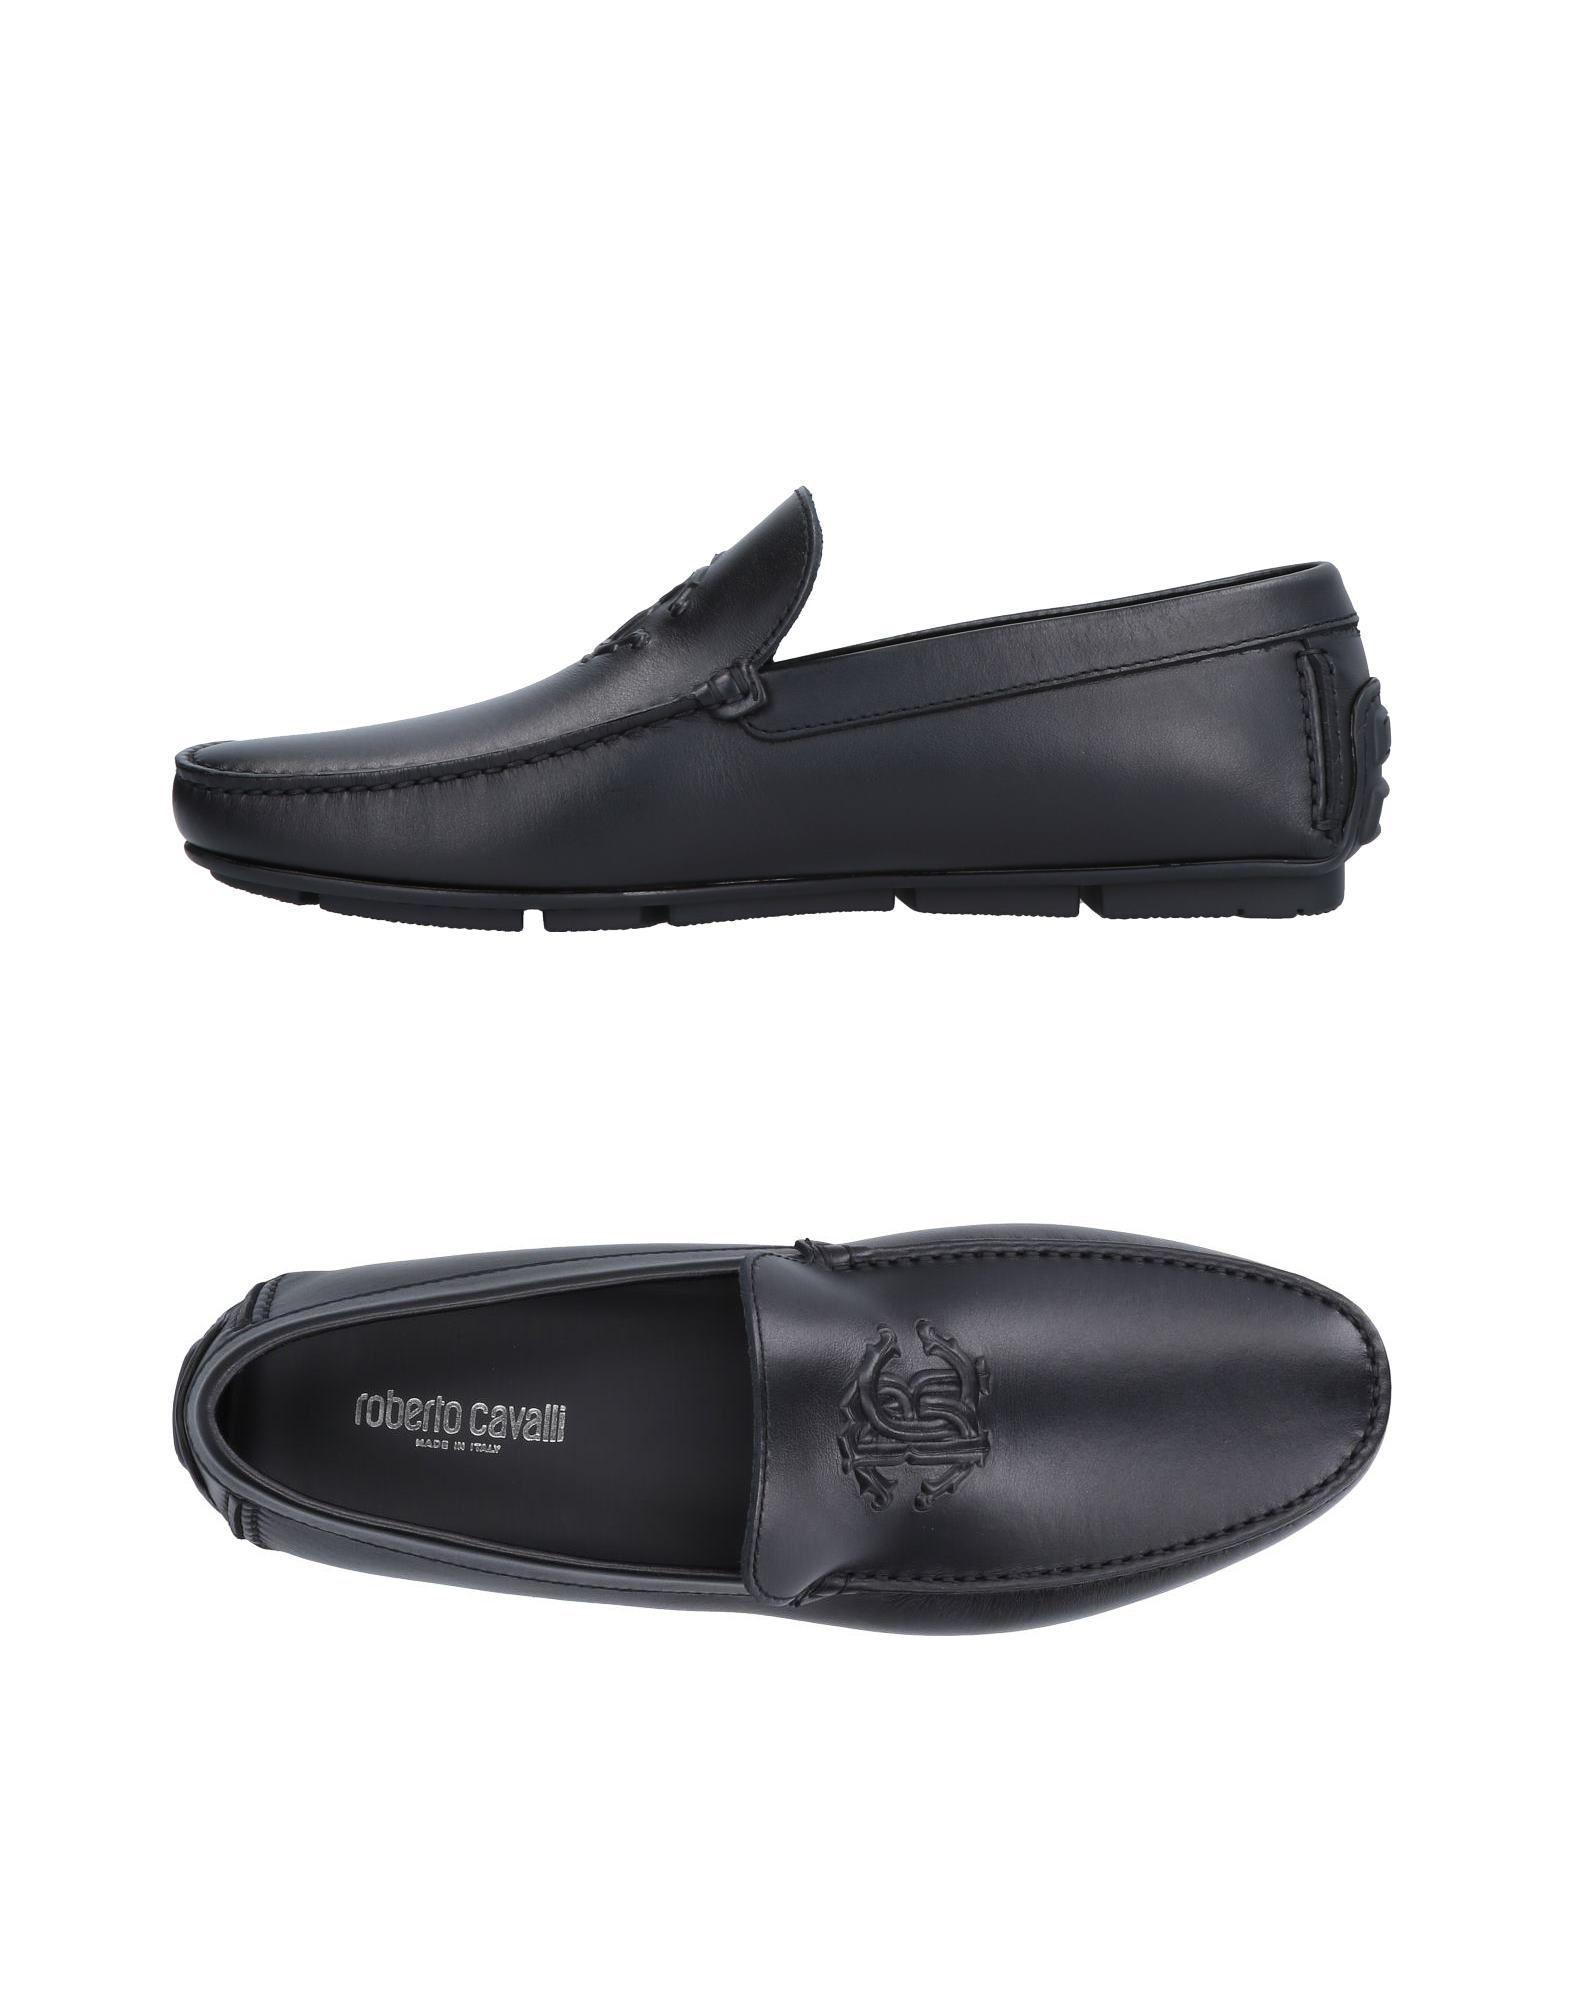 Roberto Cavalli Mokassins Herren  11517351QQ Gute Qualität beliebte Schuhe